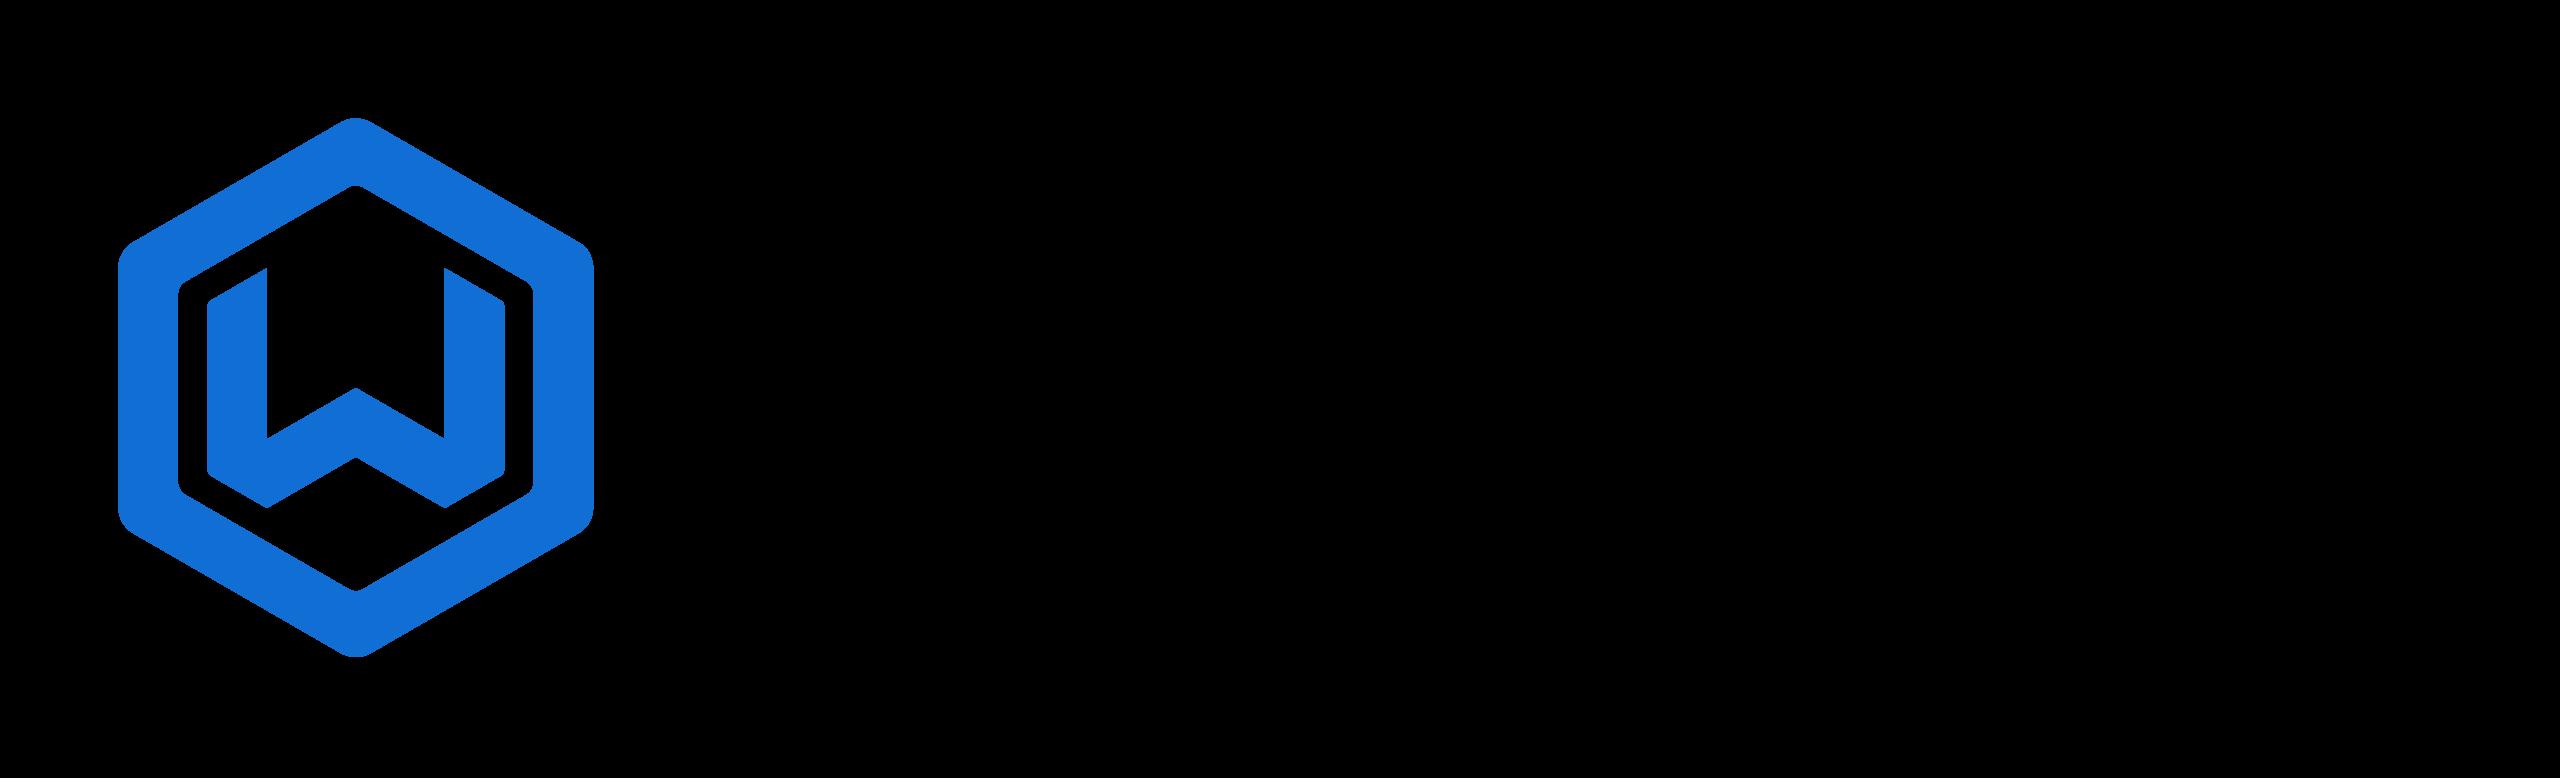 wealthbox-logo-dark